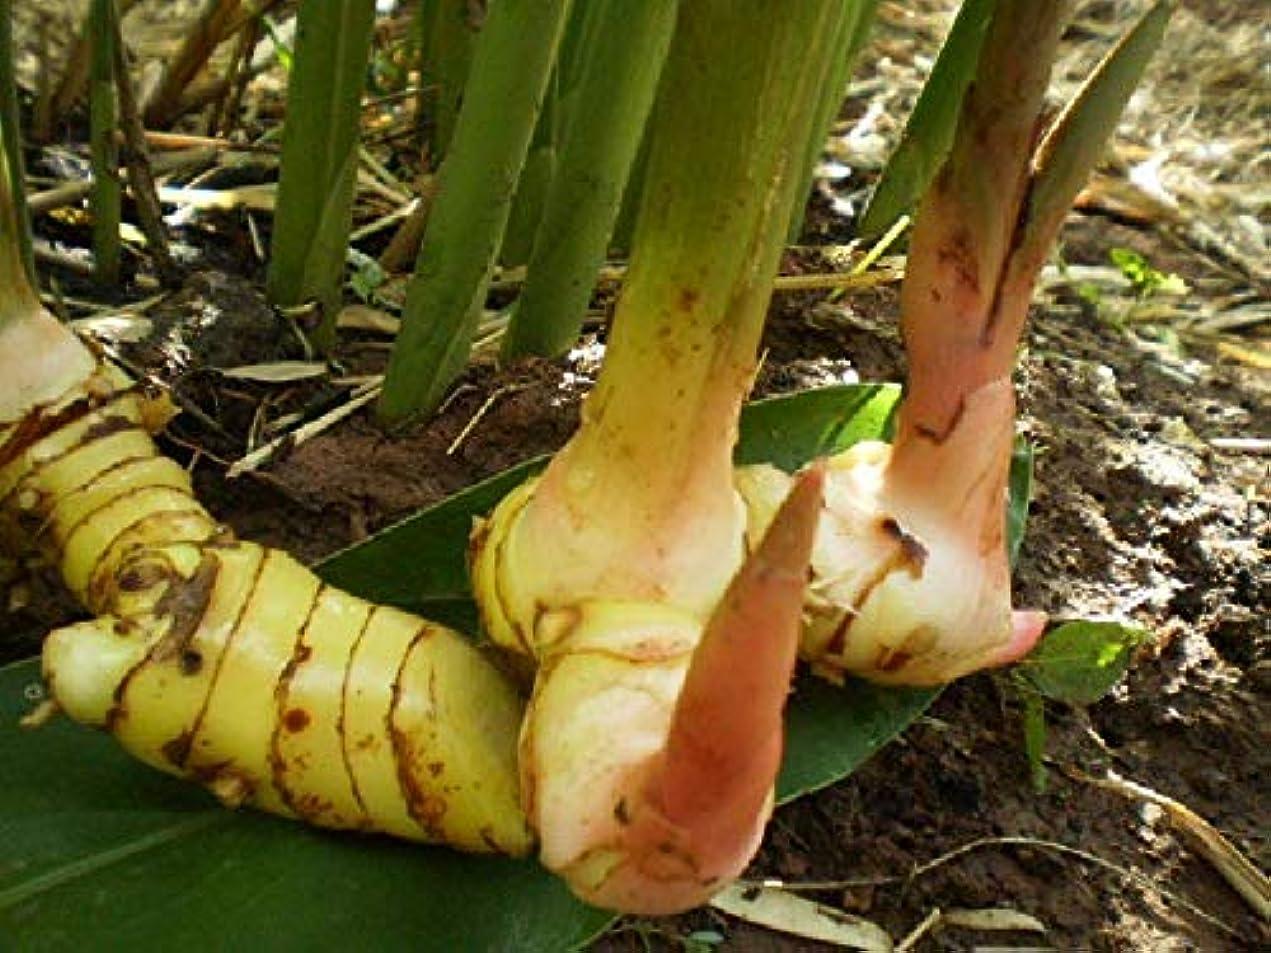 破壊ジャンプする恐れる種子パッケージ:新! 1ガランガルの根茎FRESHアルピニアGALANGA THAIHEIRLOOM